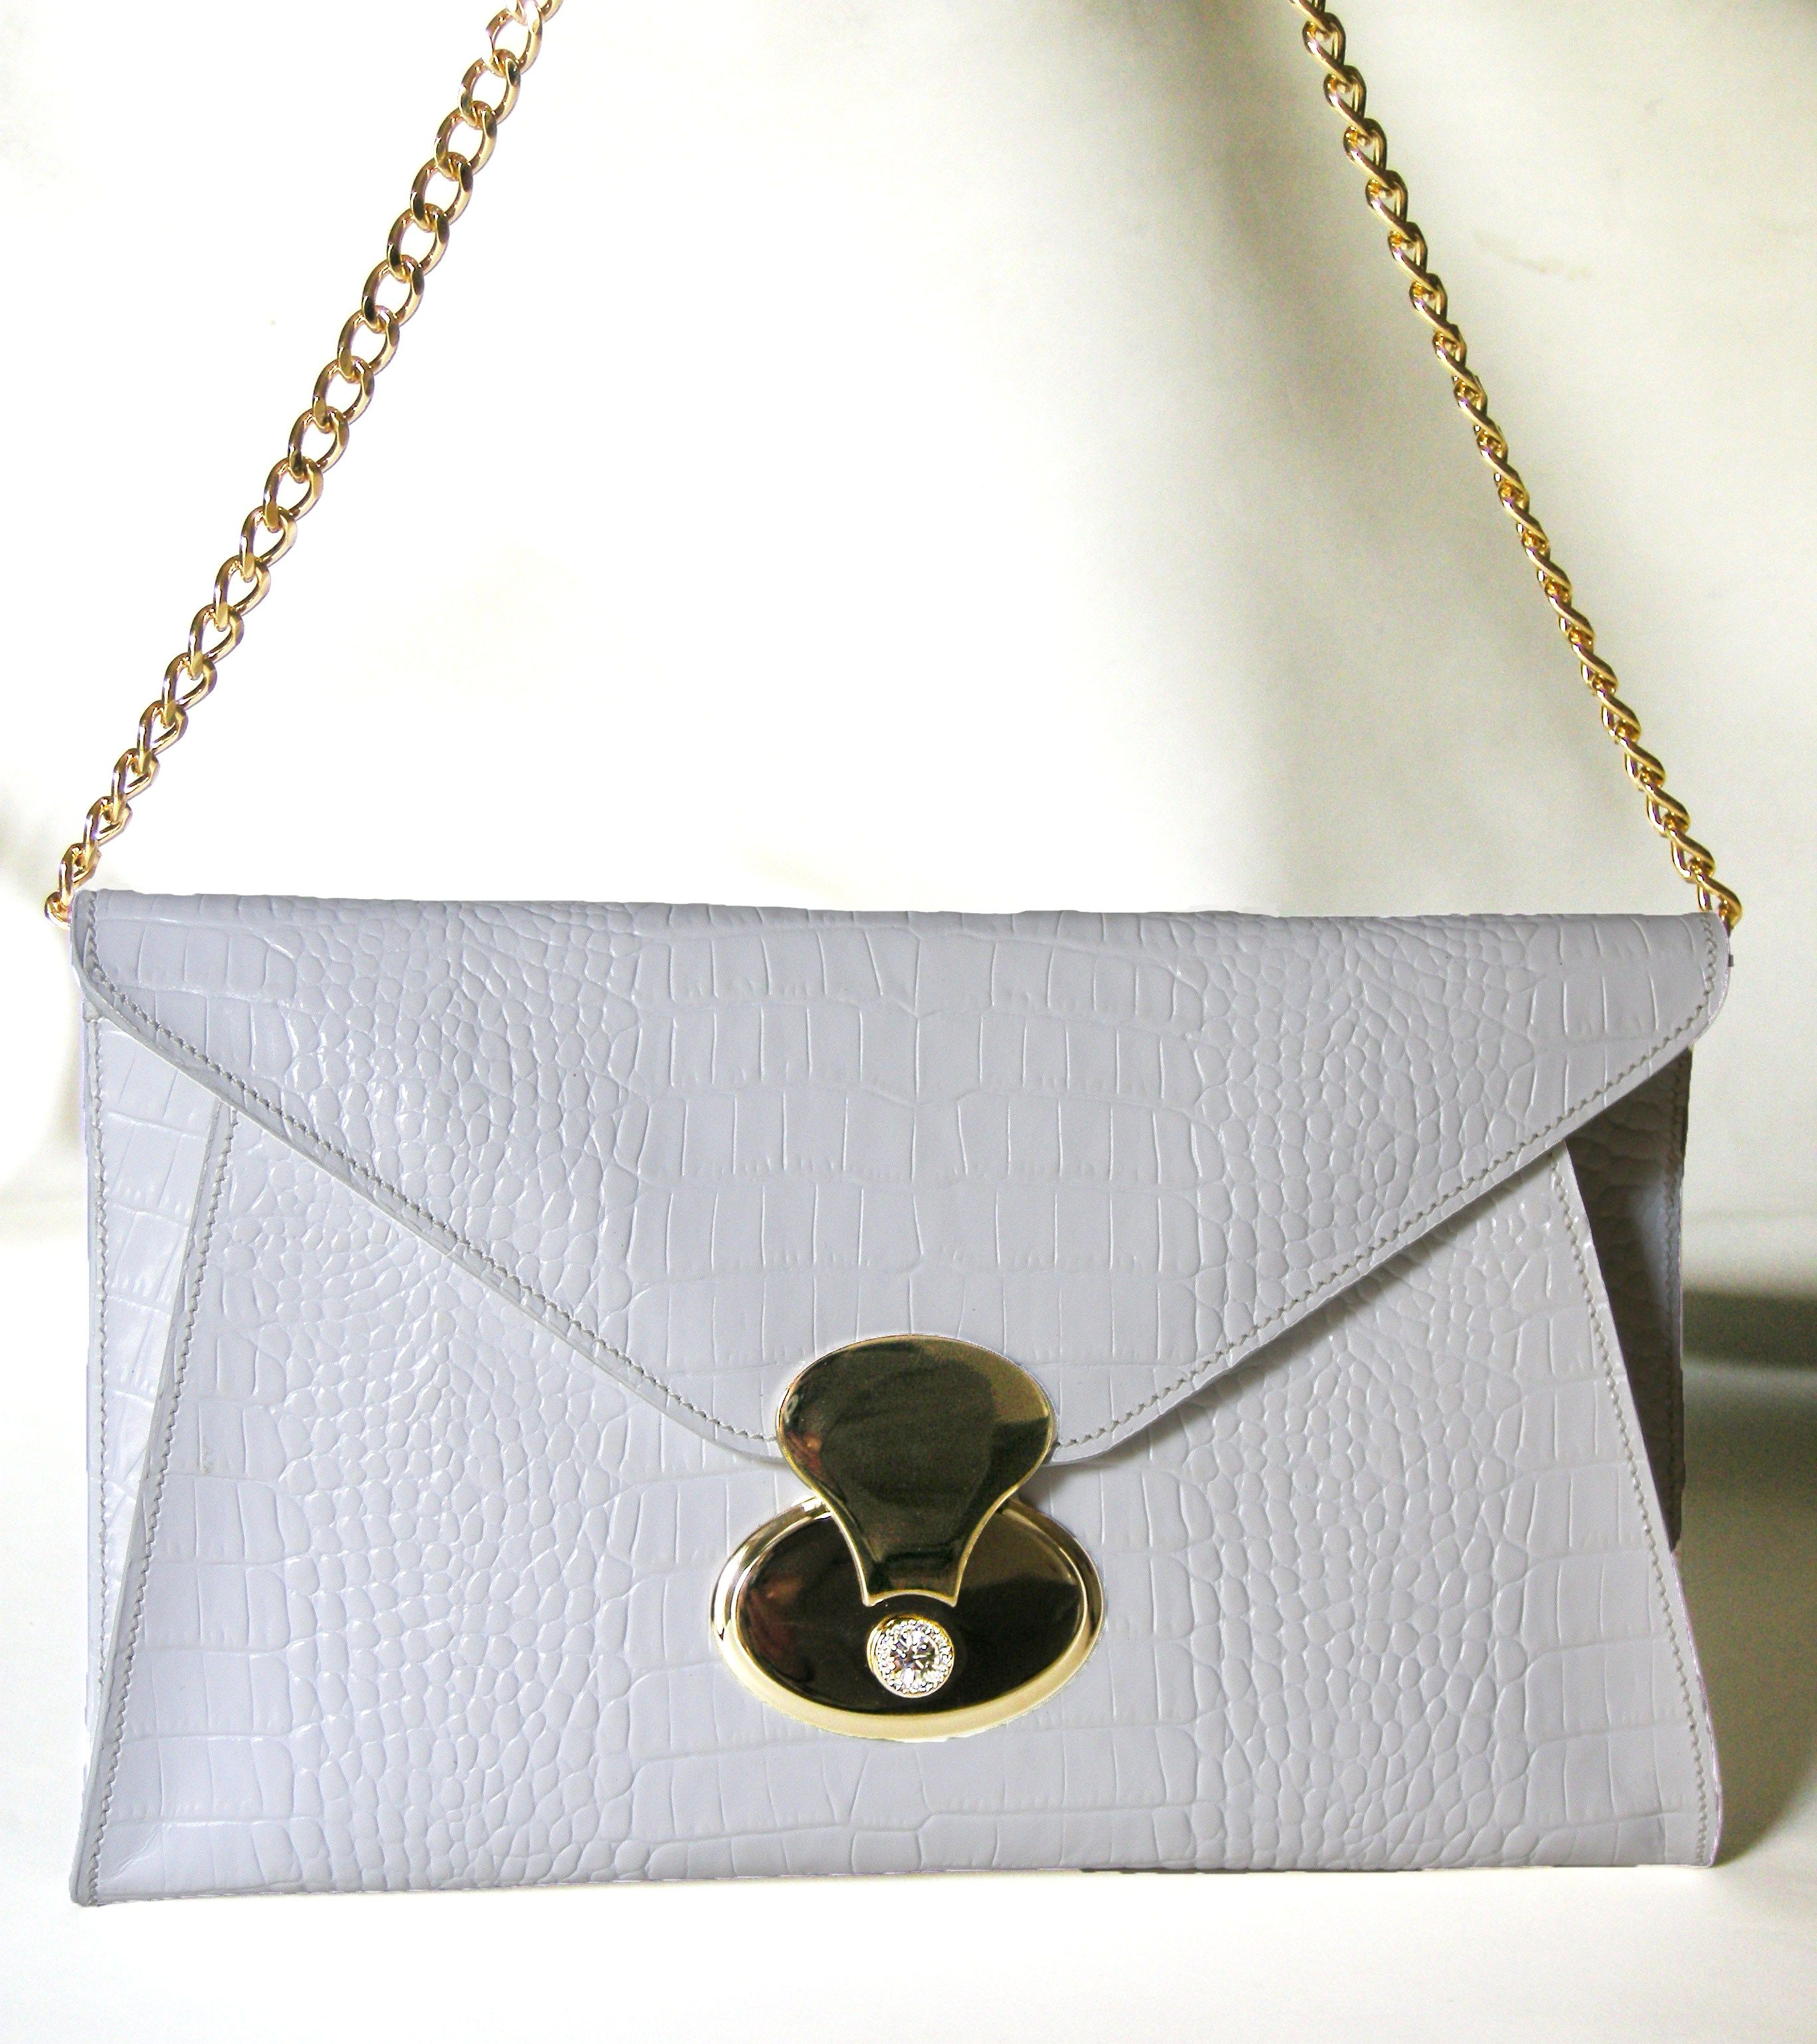 a530898e5b Pochette Bianca. Borsa pochette in pelle bianca verniciata impressa cocco.  Pochette a forma di busta con tracolla di catena color oro e chiusura  gioiello.